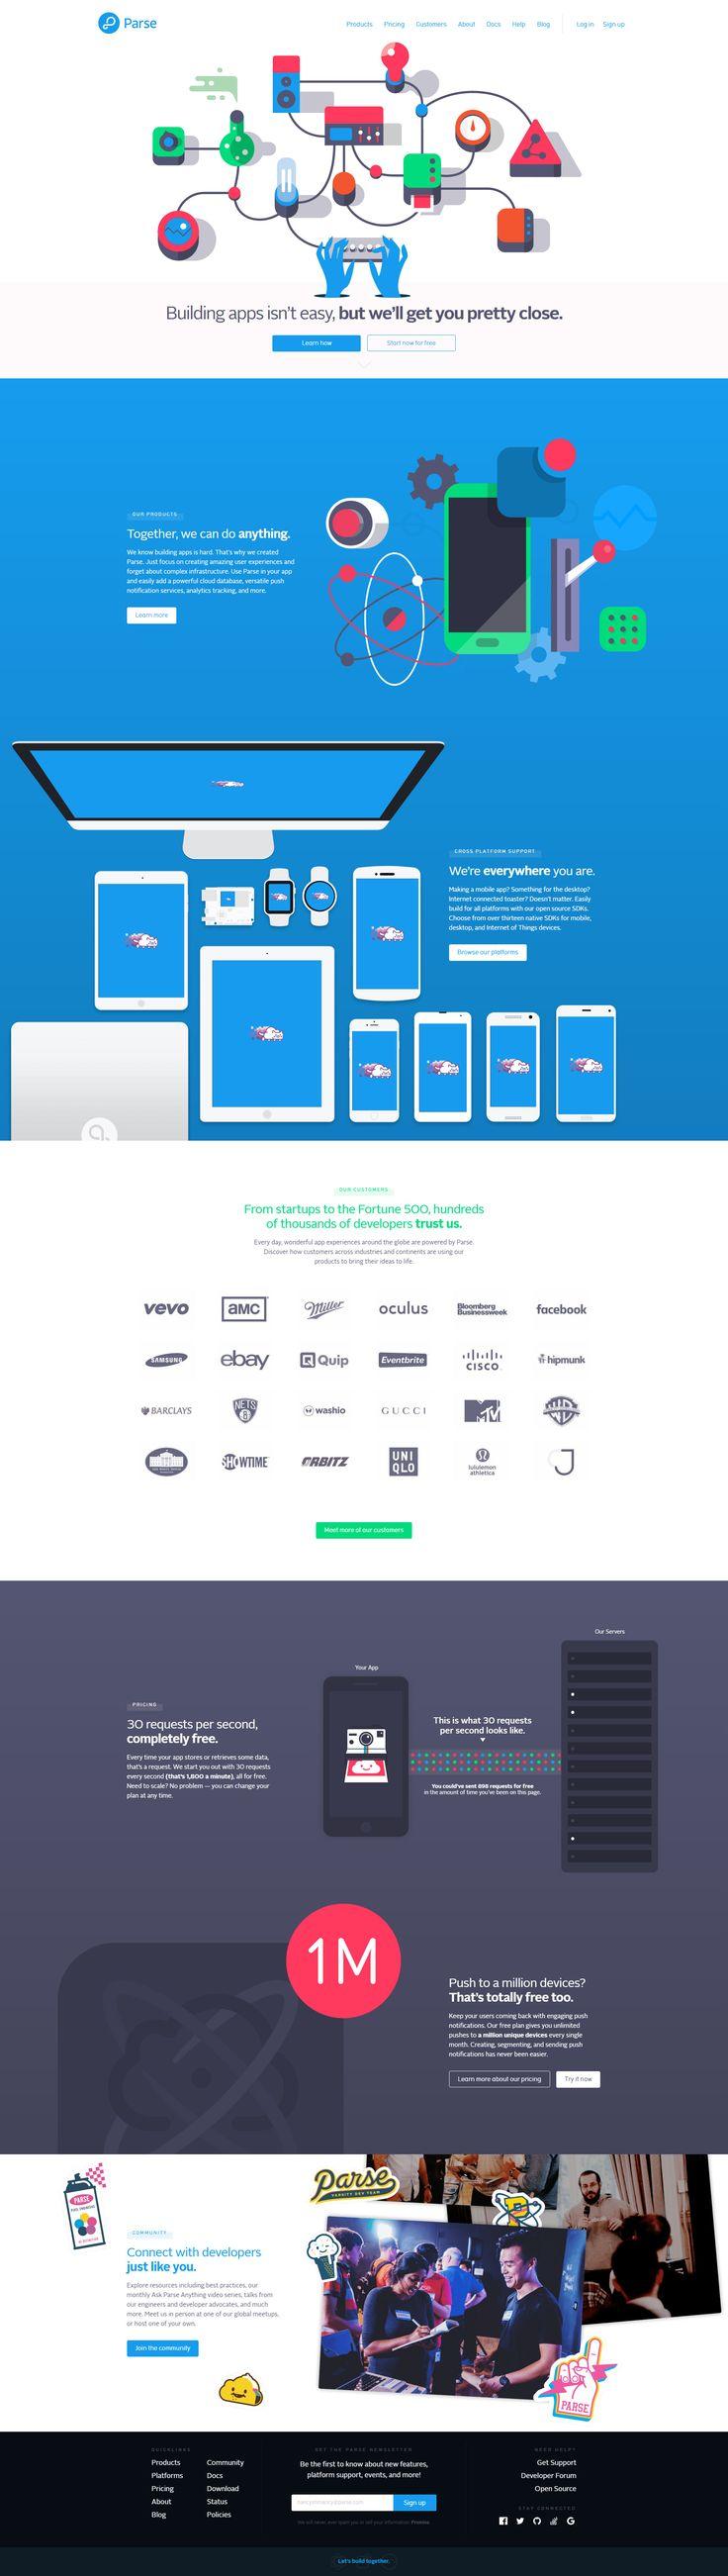 Parse website httpsparsecom 46 best HTMLJSCSS